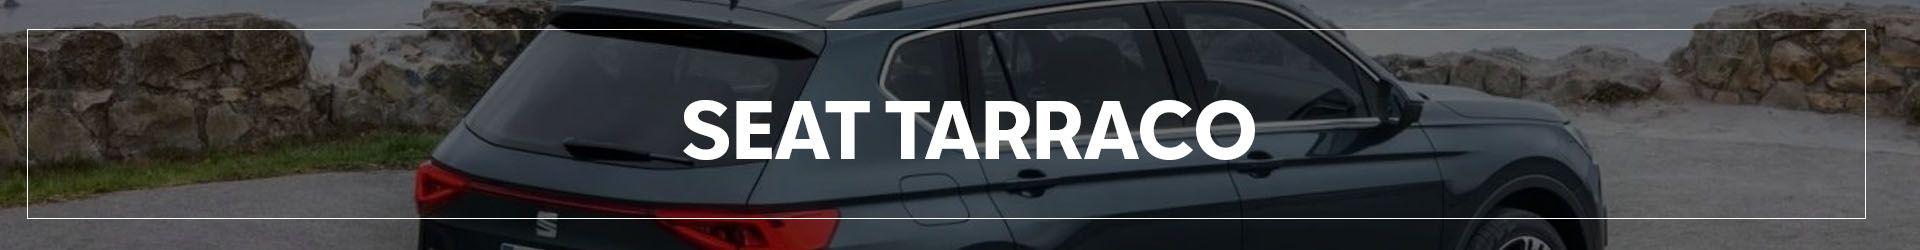 seat tarraco | Automocion Terry Concesionario Cadiz